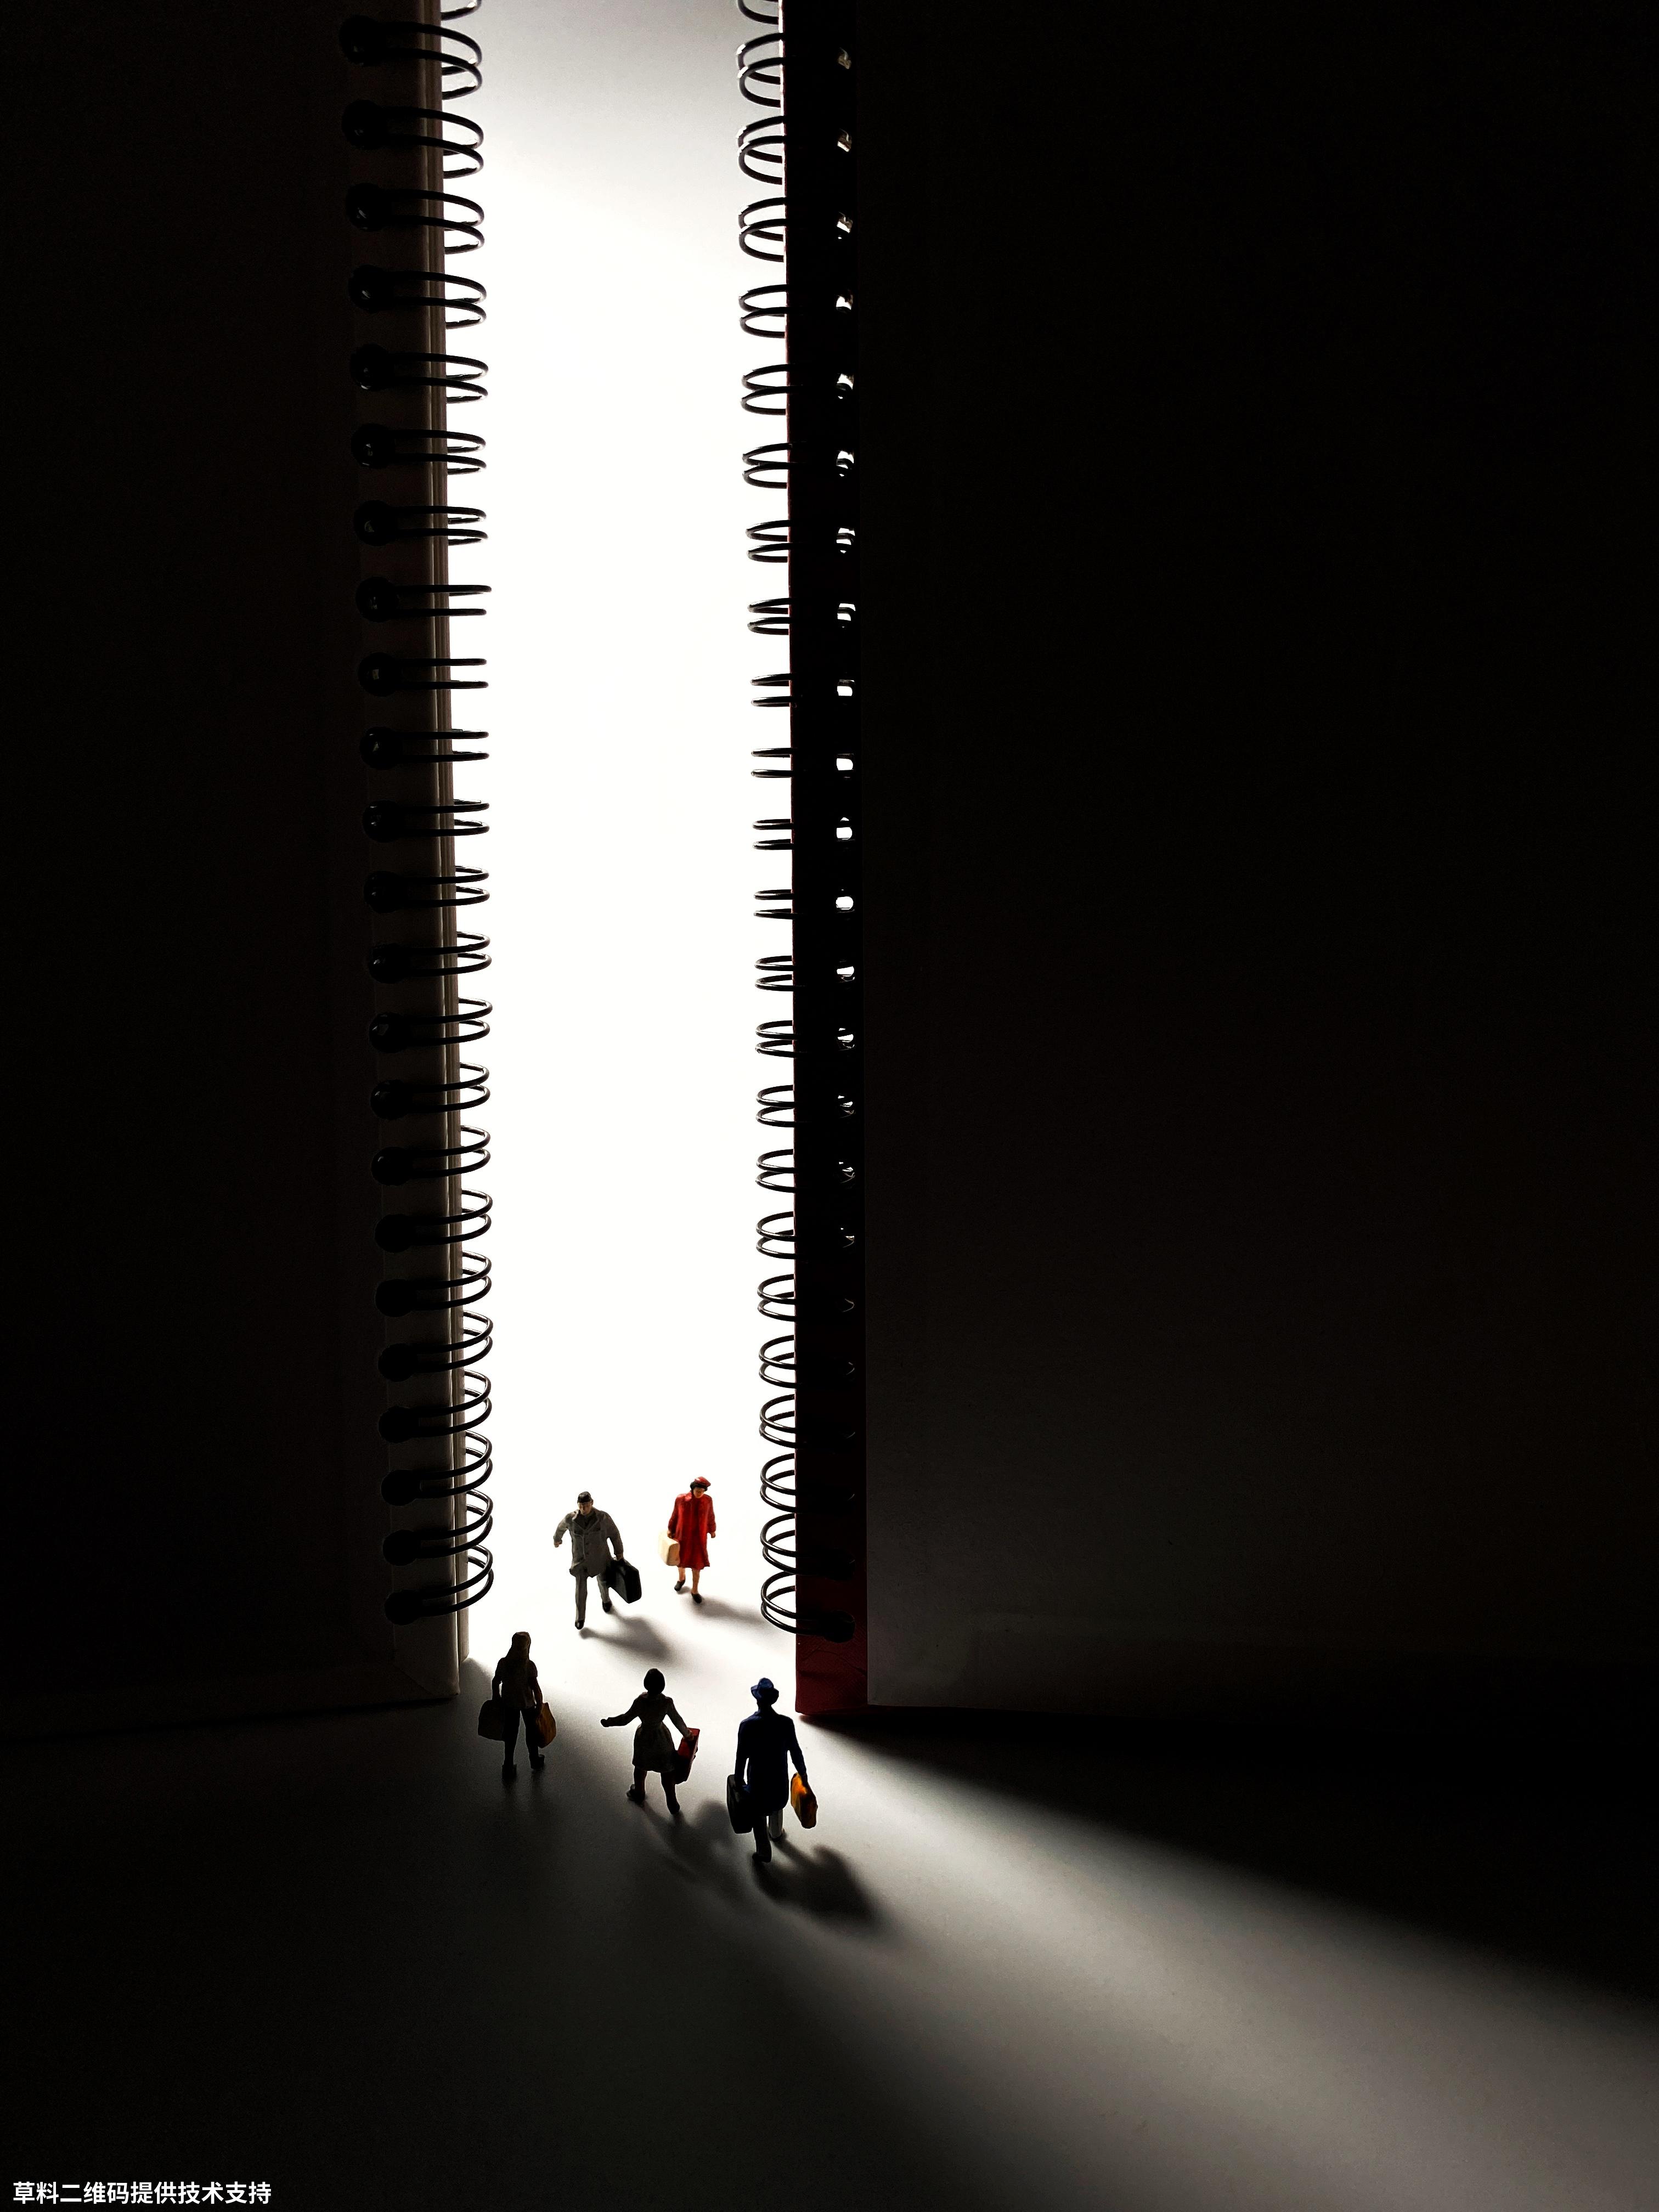 姜小妹《过往》iPhone 我的微景观创意摄影。.jpg